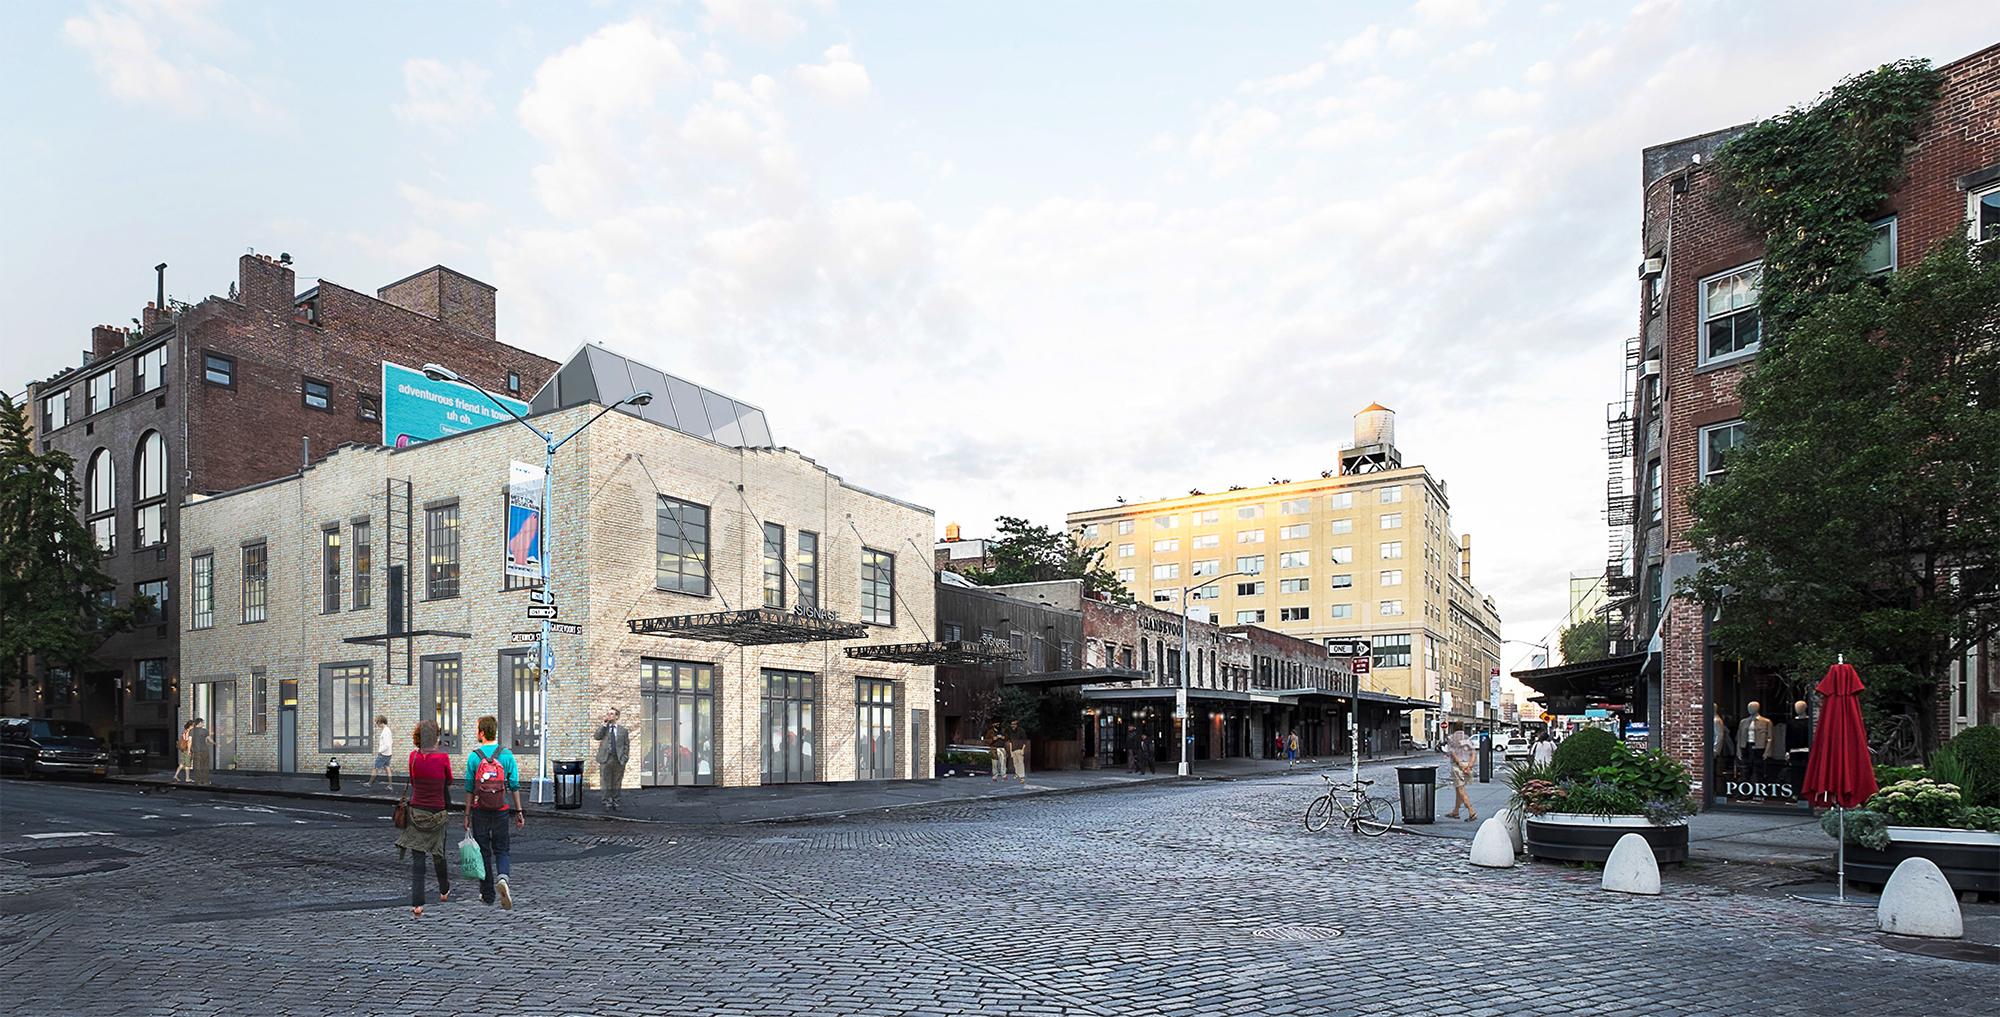 Rendering showing 46-48 Gansevoort Street.